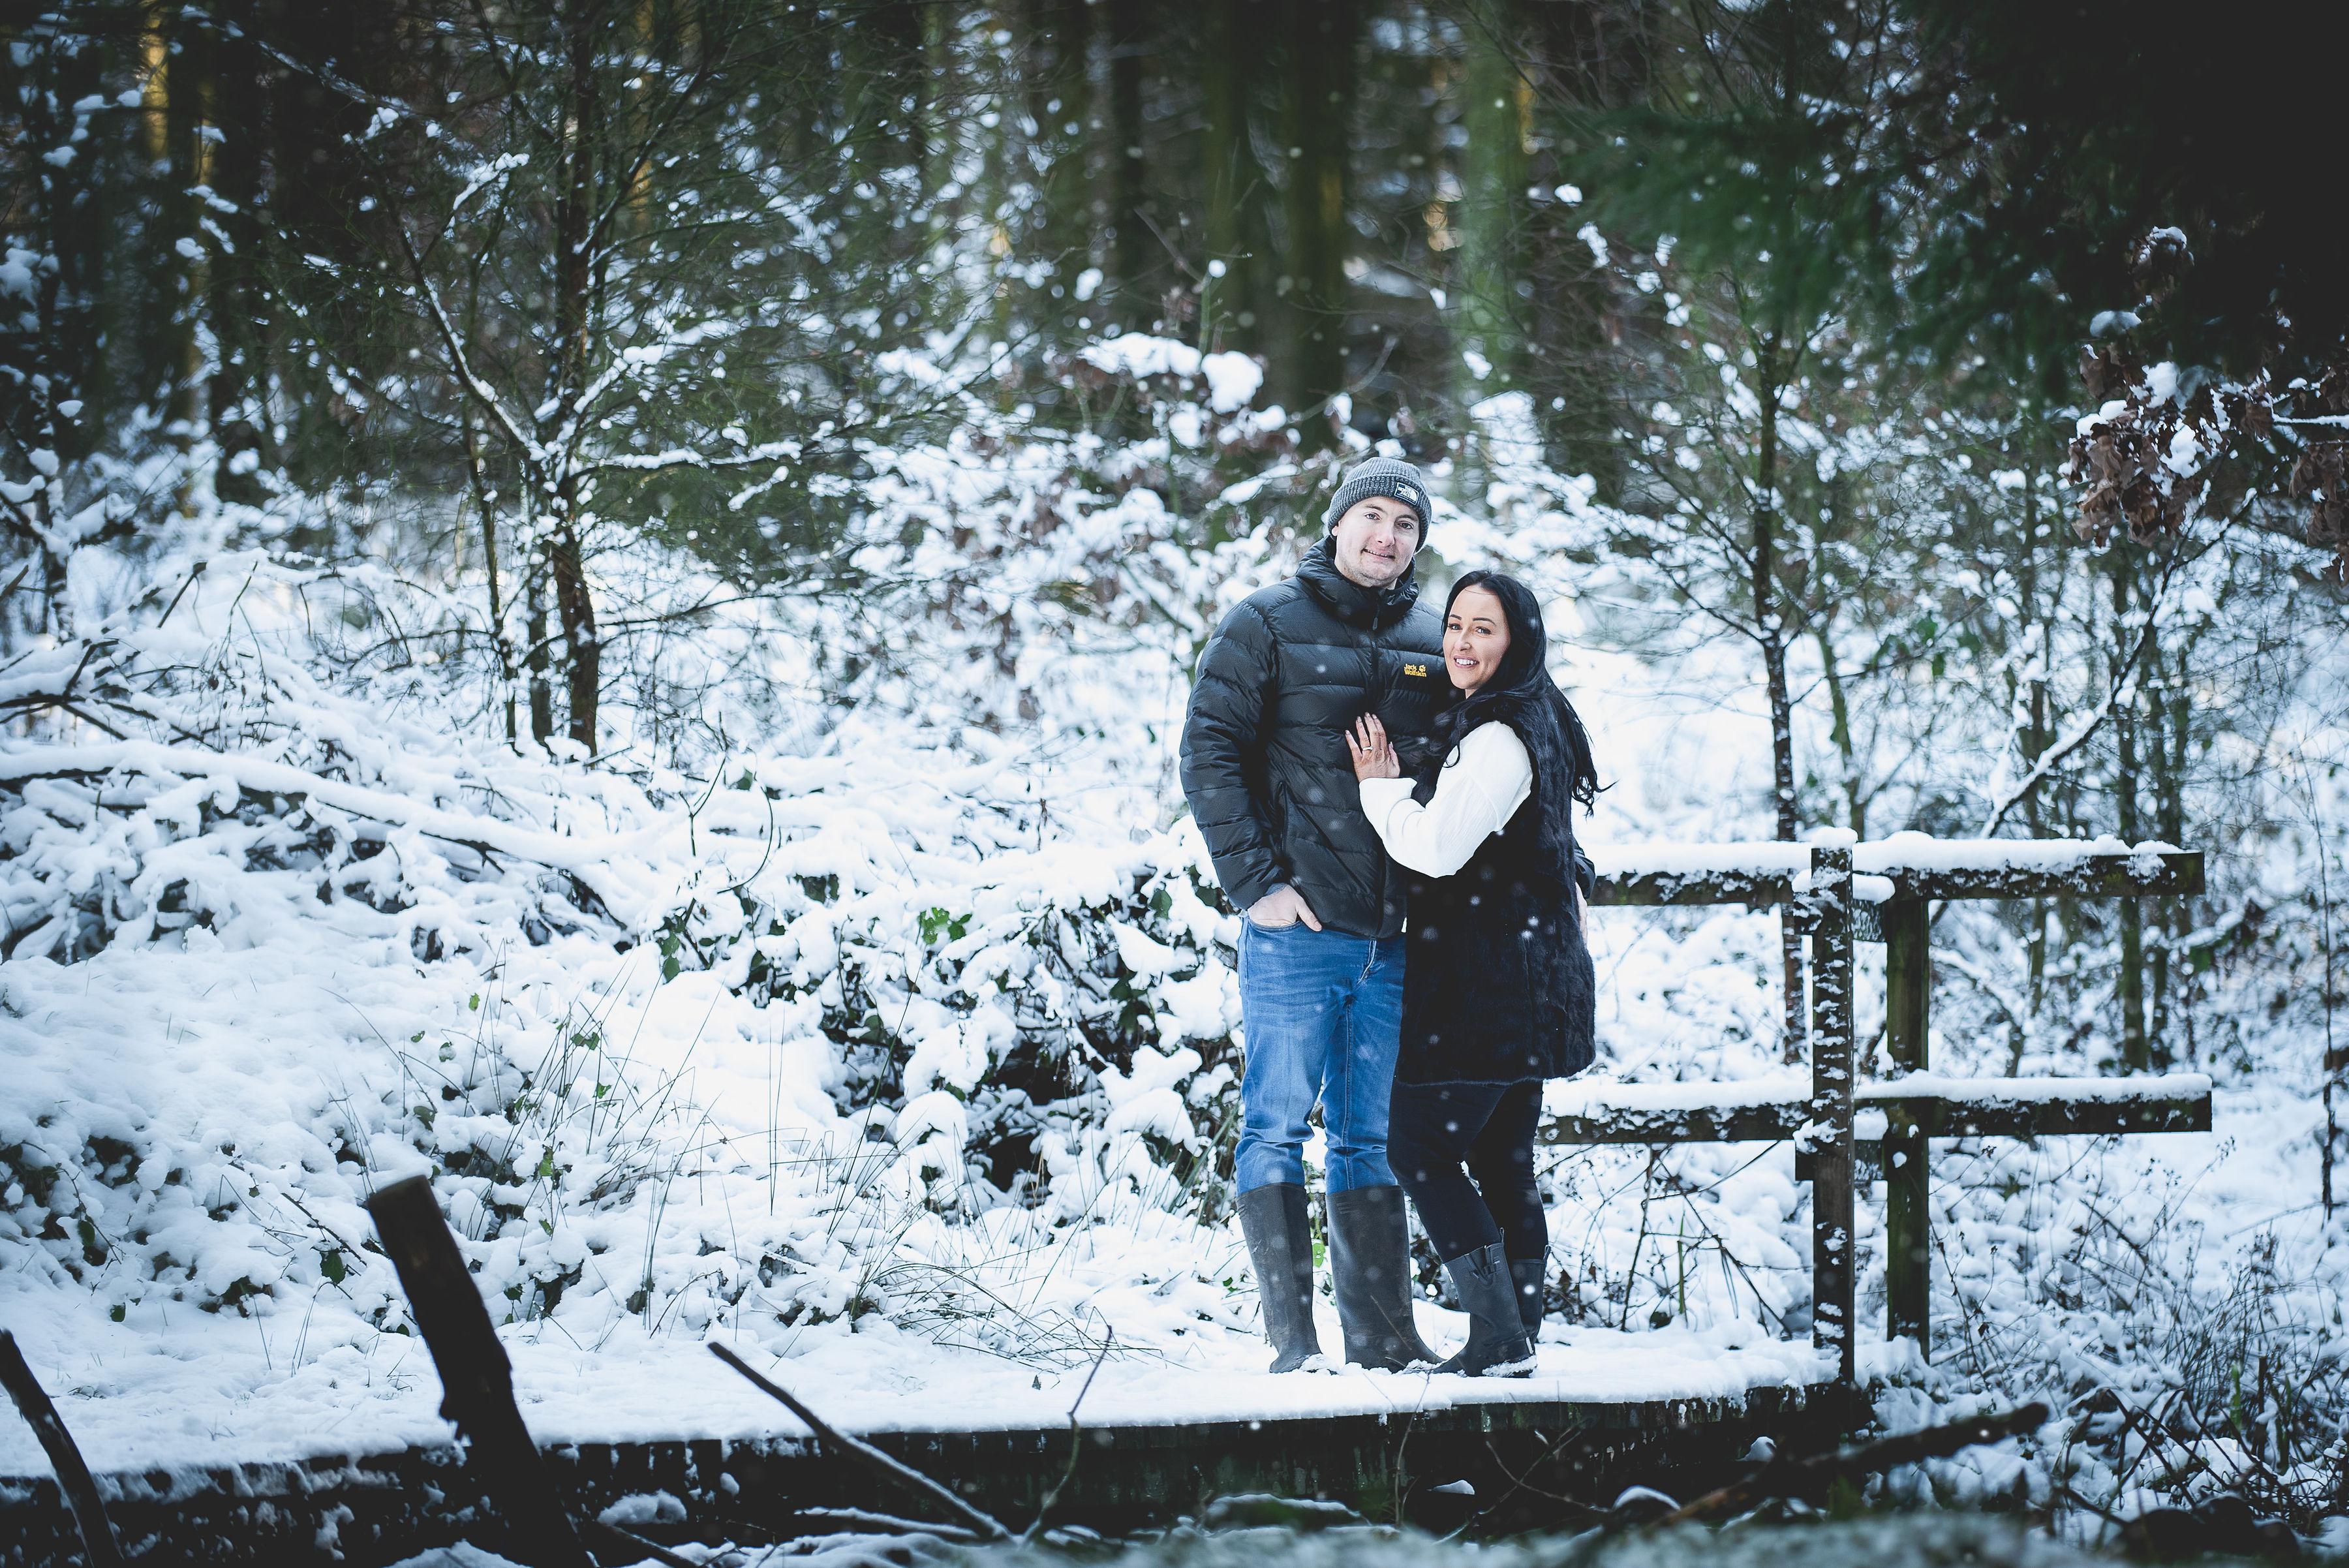 Beacon Fell Pre-Wedding Shoot | Kirsty & James